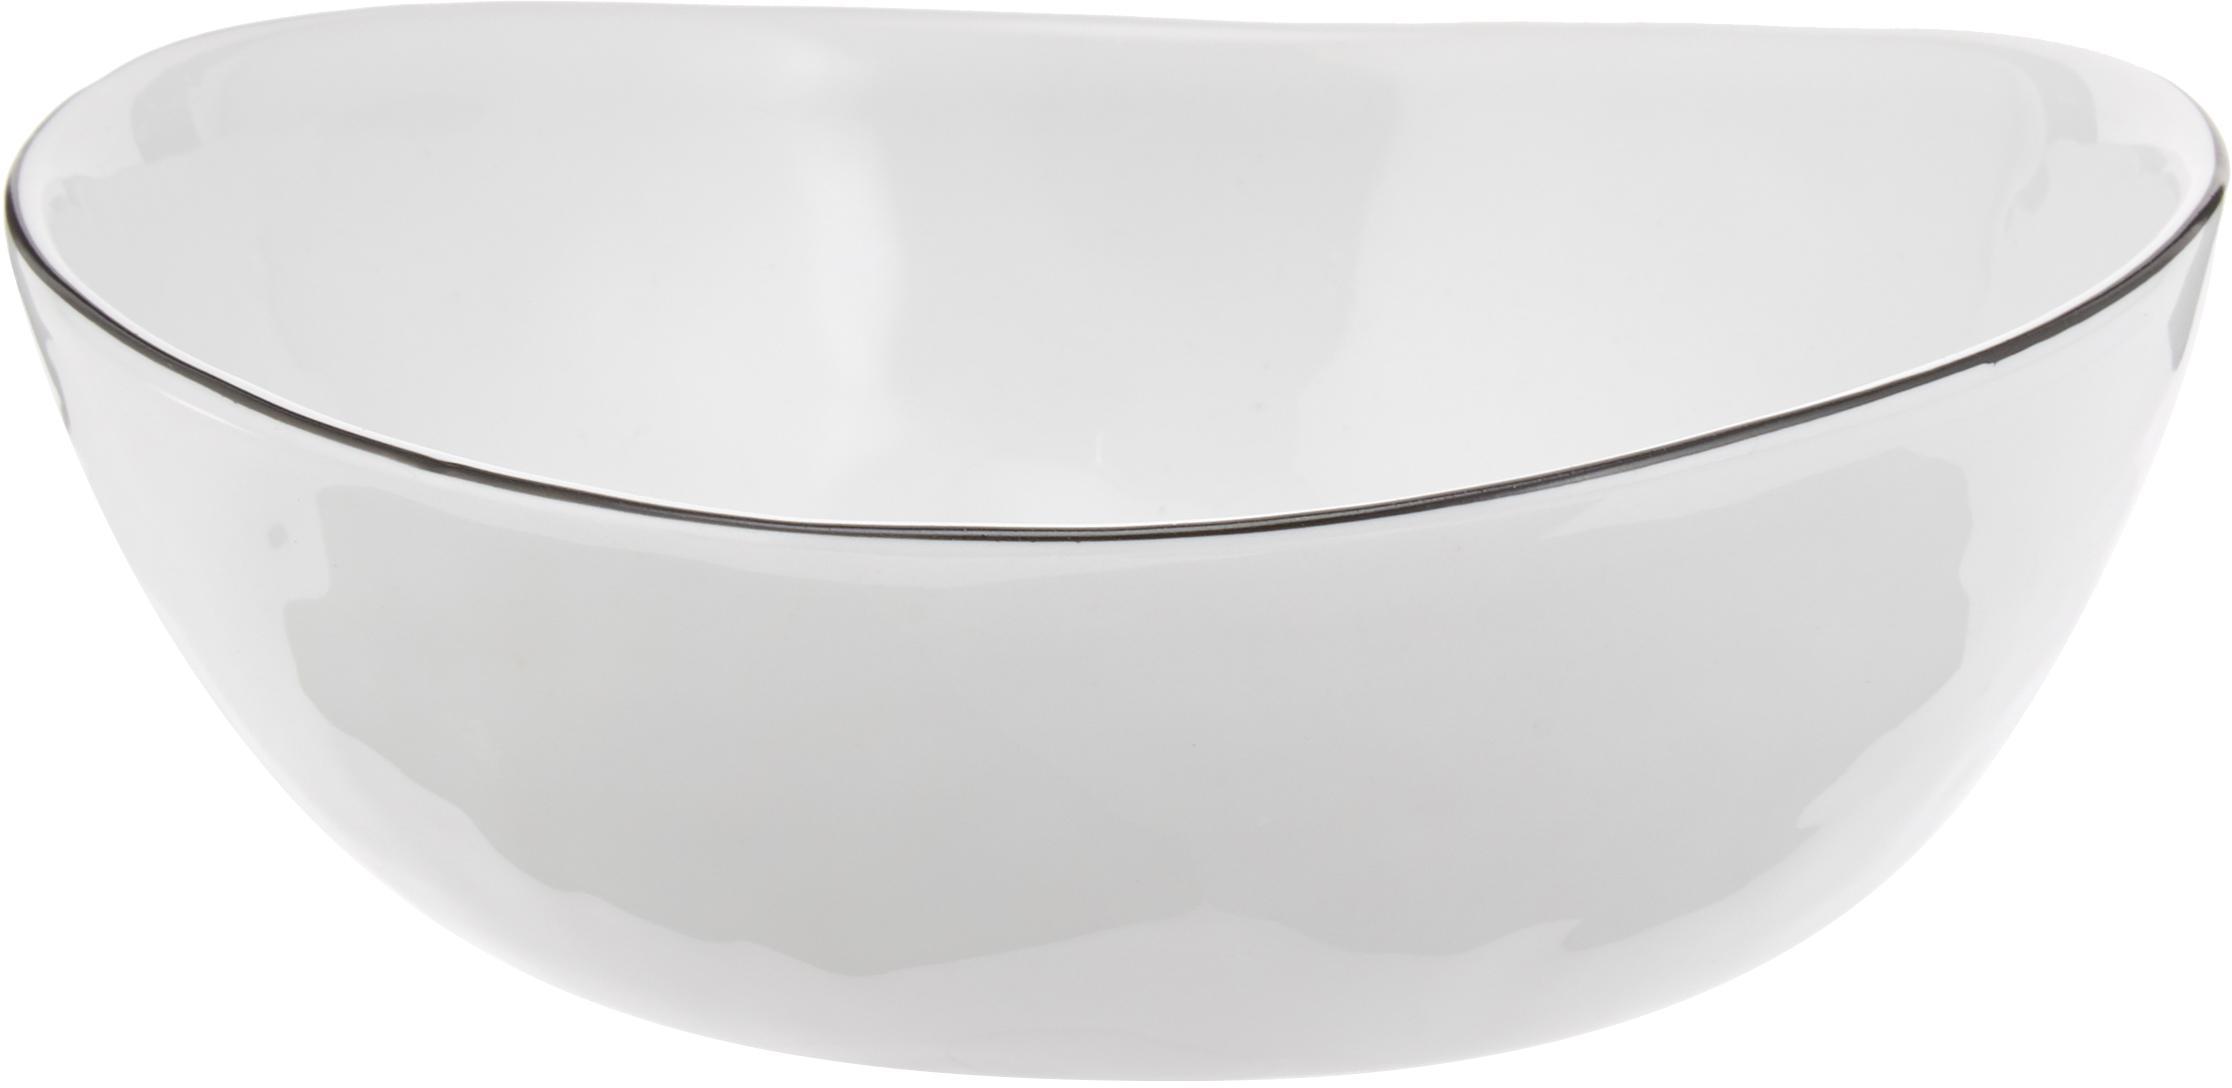 Handgemaakte schalen Salt, 4 stuks, Porselein, Gebroken wit, zwart, B 17 x D 15 cm